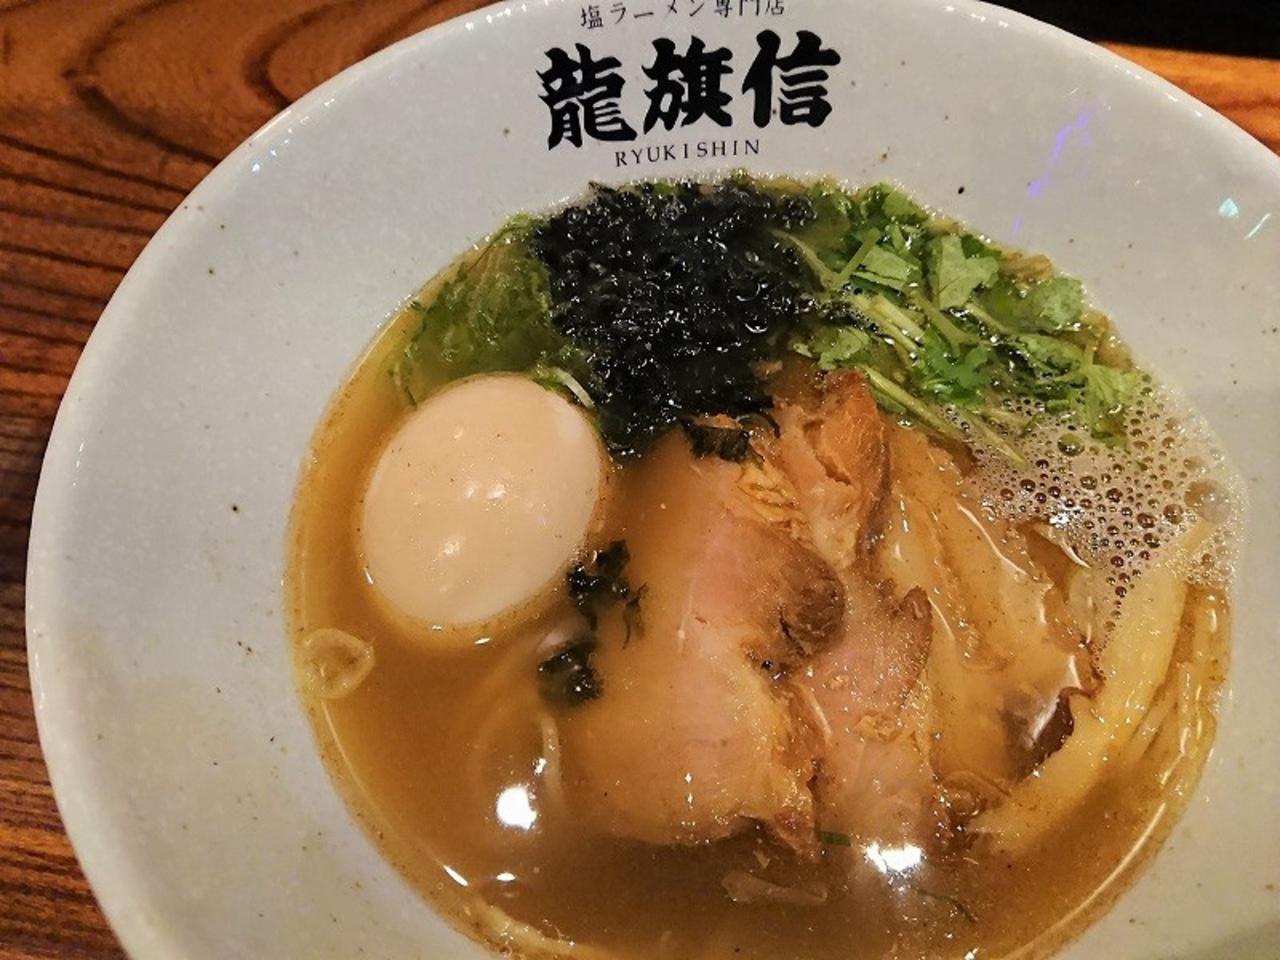 なんばこめじるし「龍旗信 大阪なんば店」